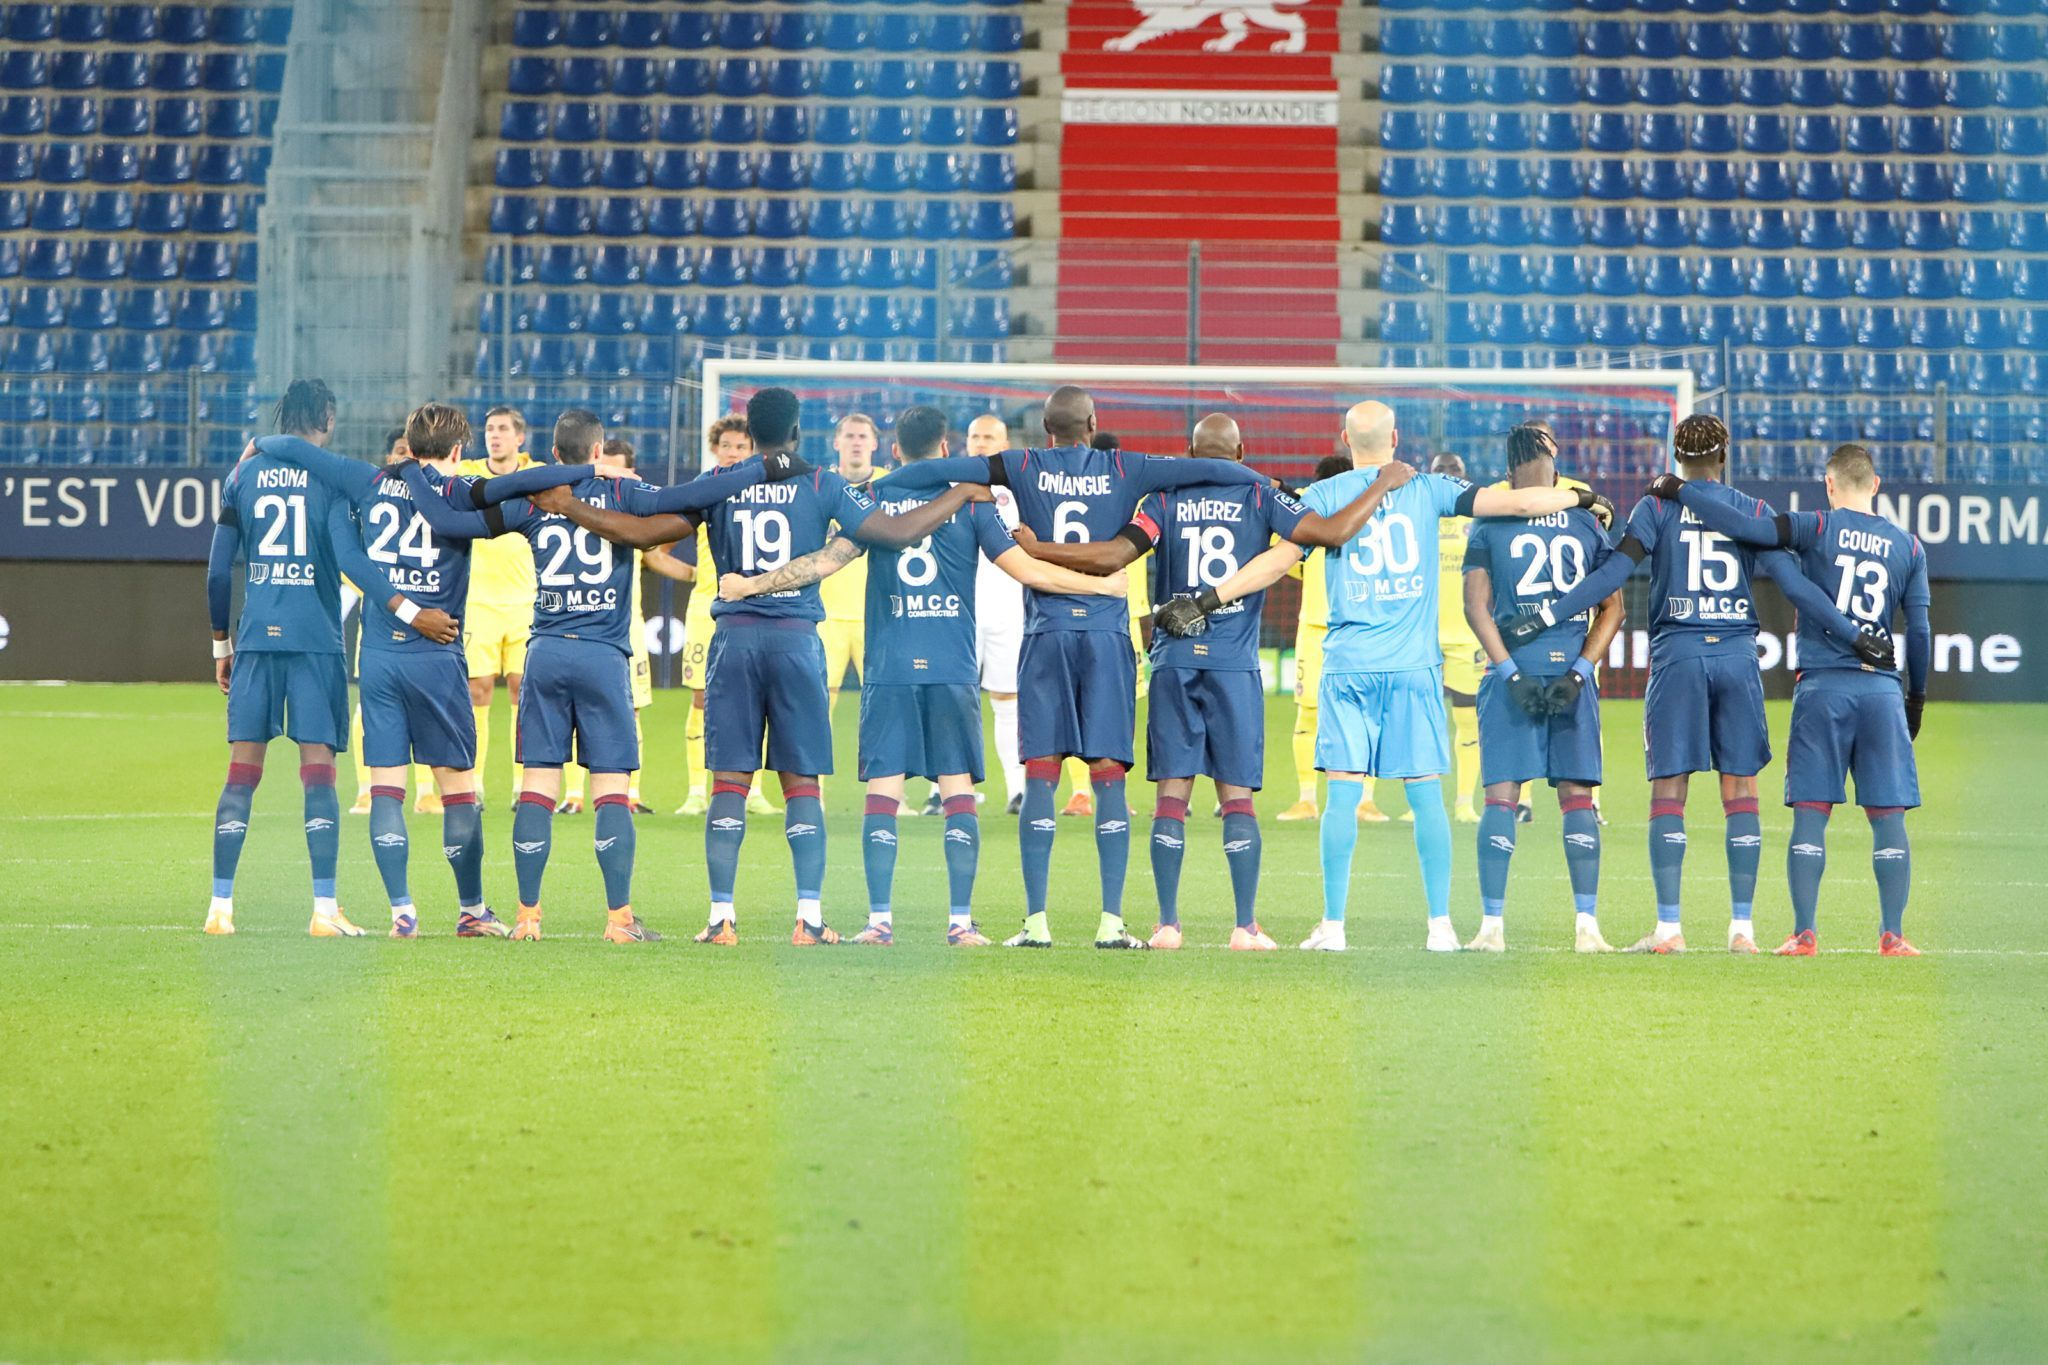 Caen – Le Havre : les compositions d'équipes probables selon la presse